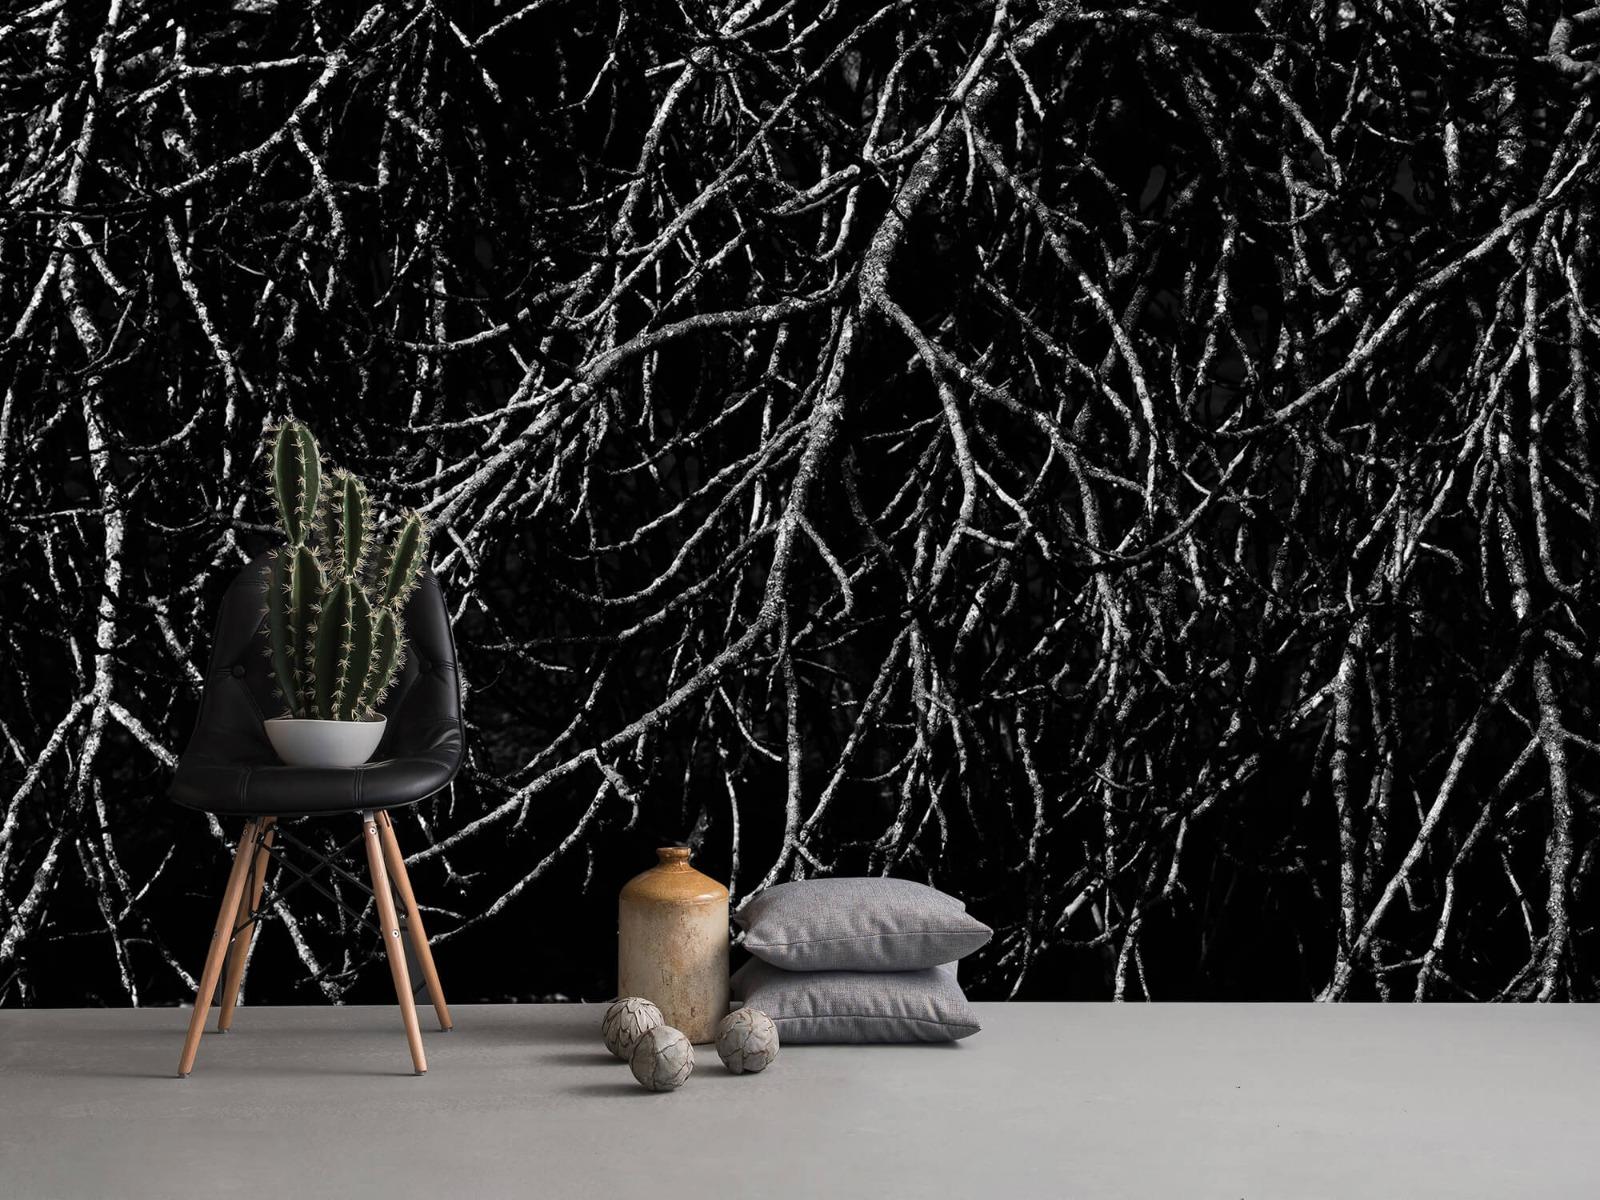 Zwart Wit behang - Boomtakken in zwart wit - Magazijn 14